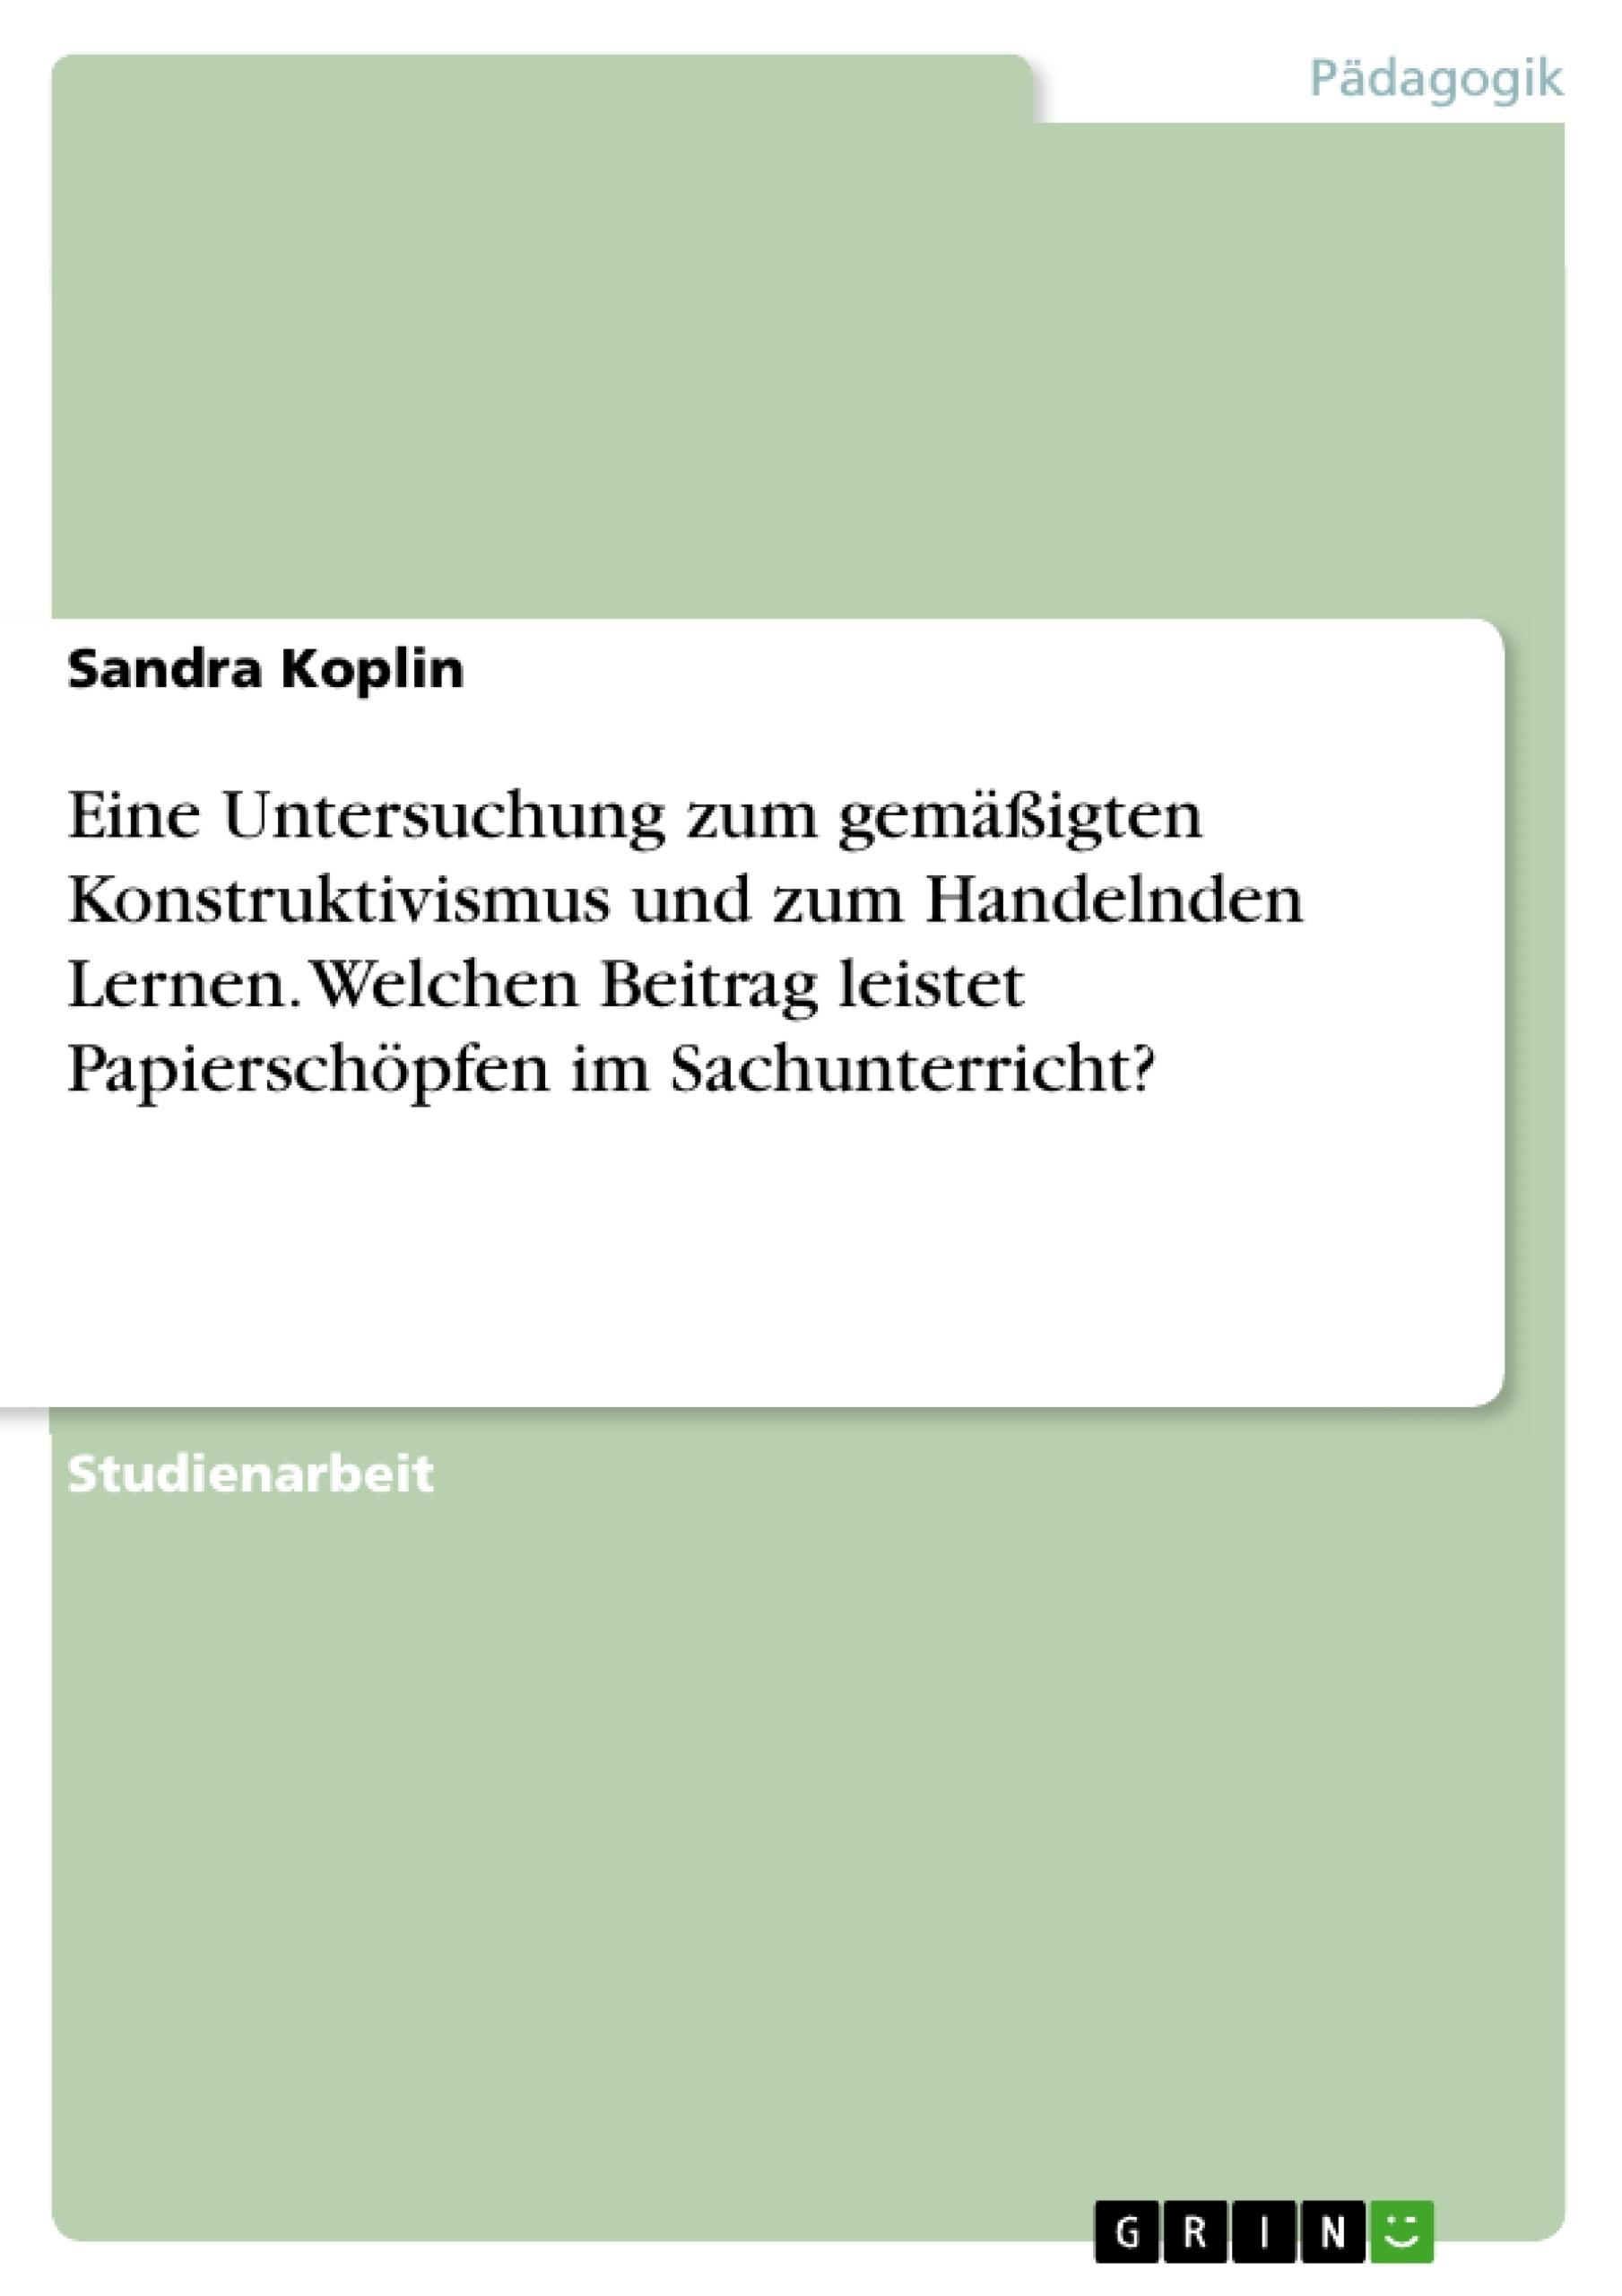 Titel: Eine Untersuchung zum gemäßigten Konstruktivismus und zum Handelnden Lernen. Welchen Beitrag leistet Papierschöpfen im Sachunterricht?